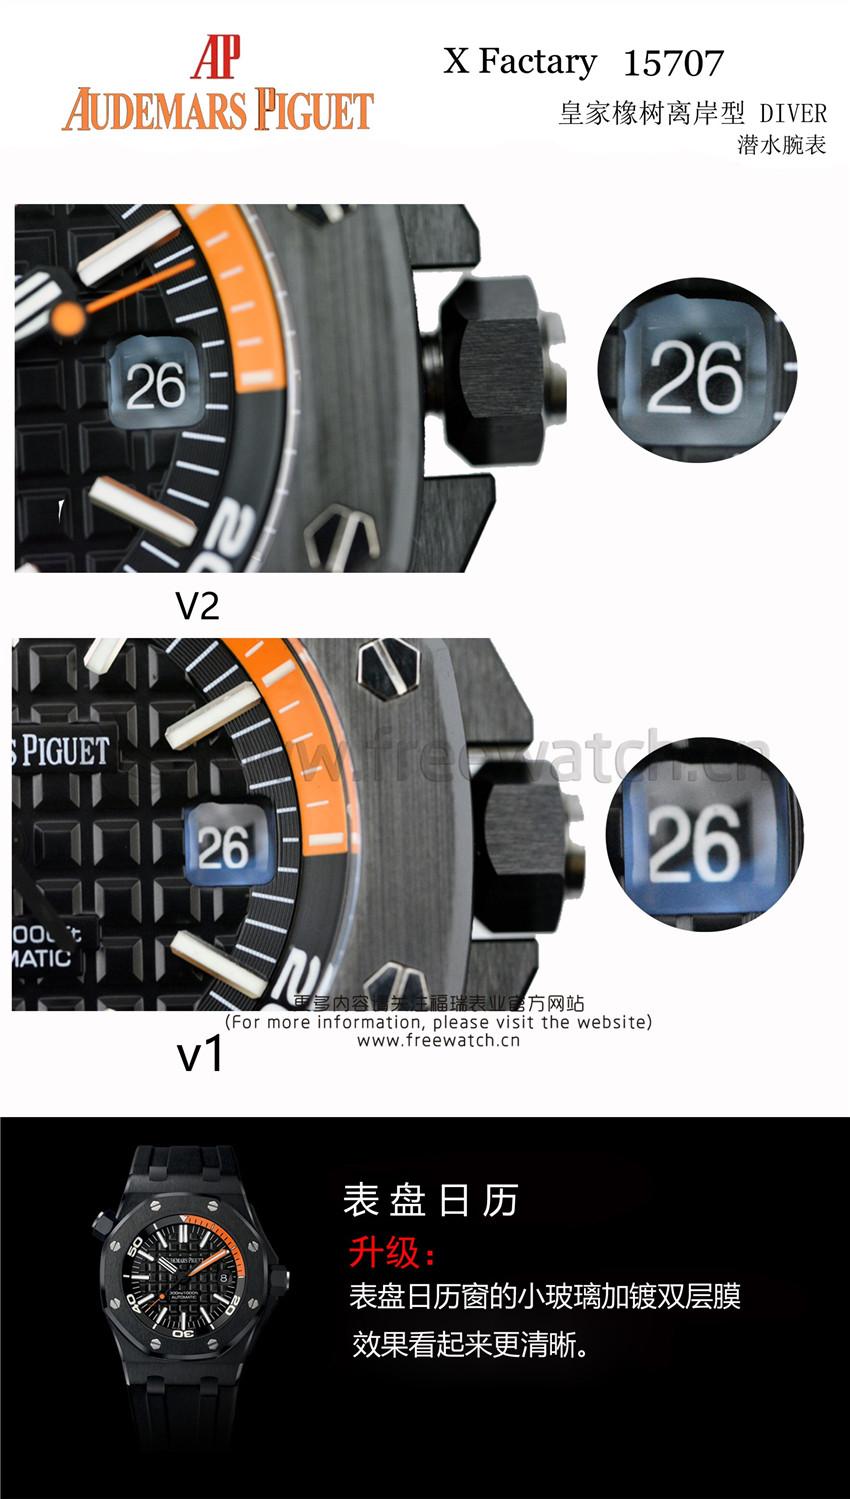 XF厂V3爱彼AP15706和AP15707与升级了哪些方面-第8张